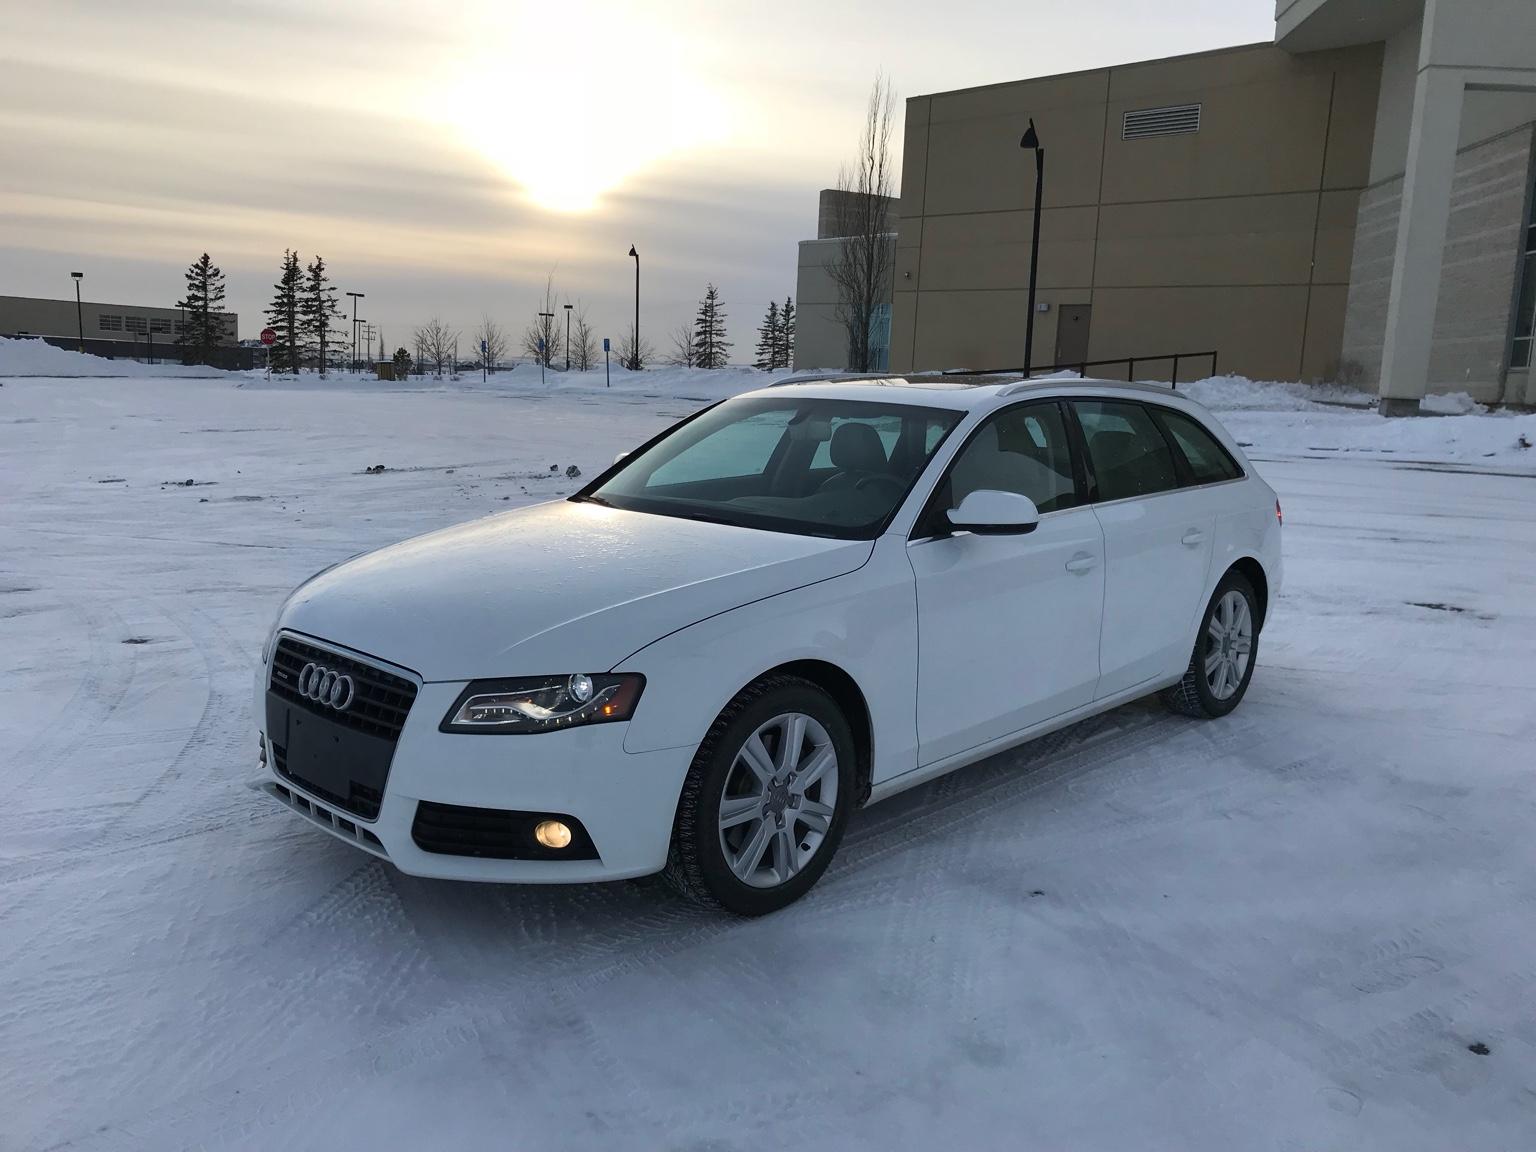 For Sale: 2011 Audi A4 Avant